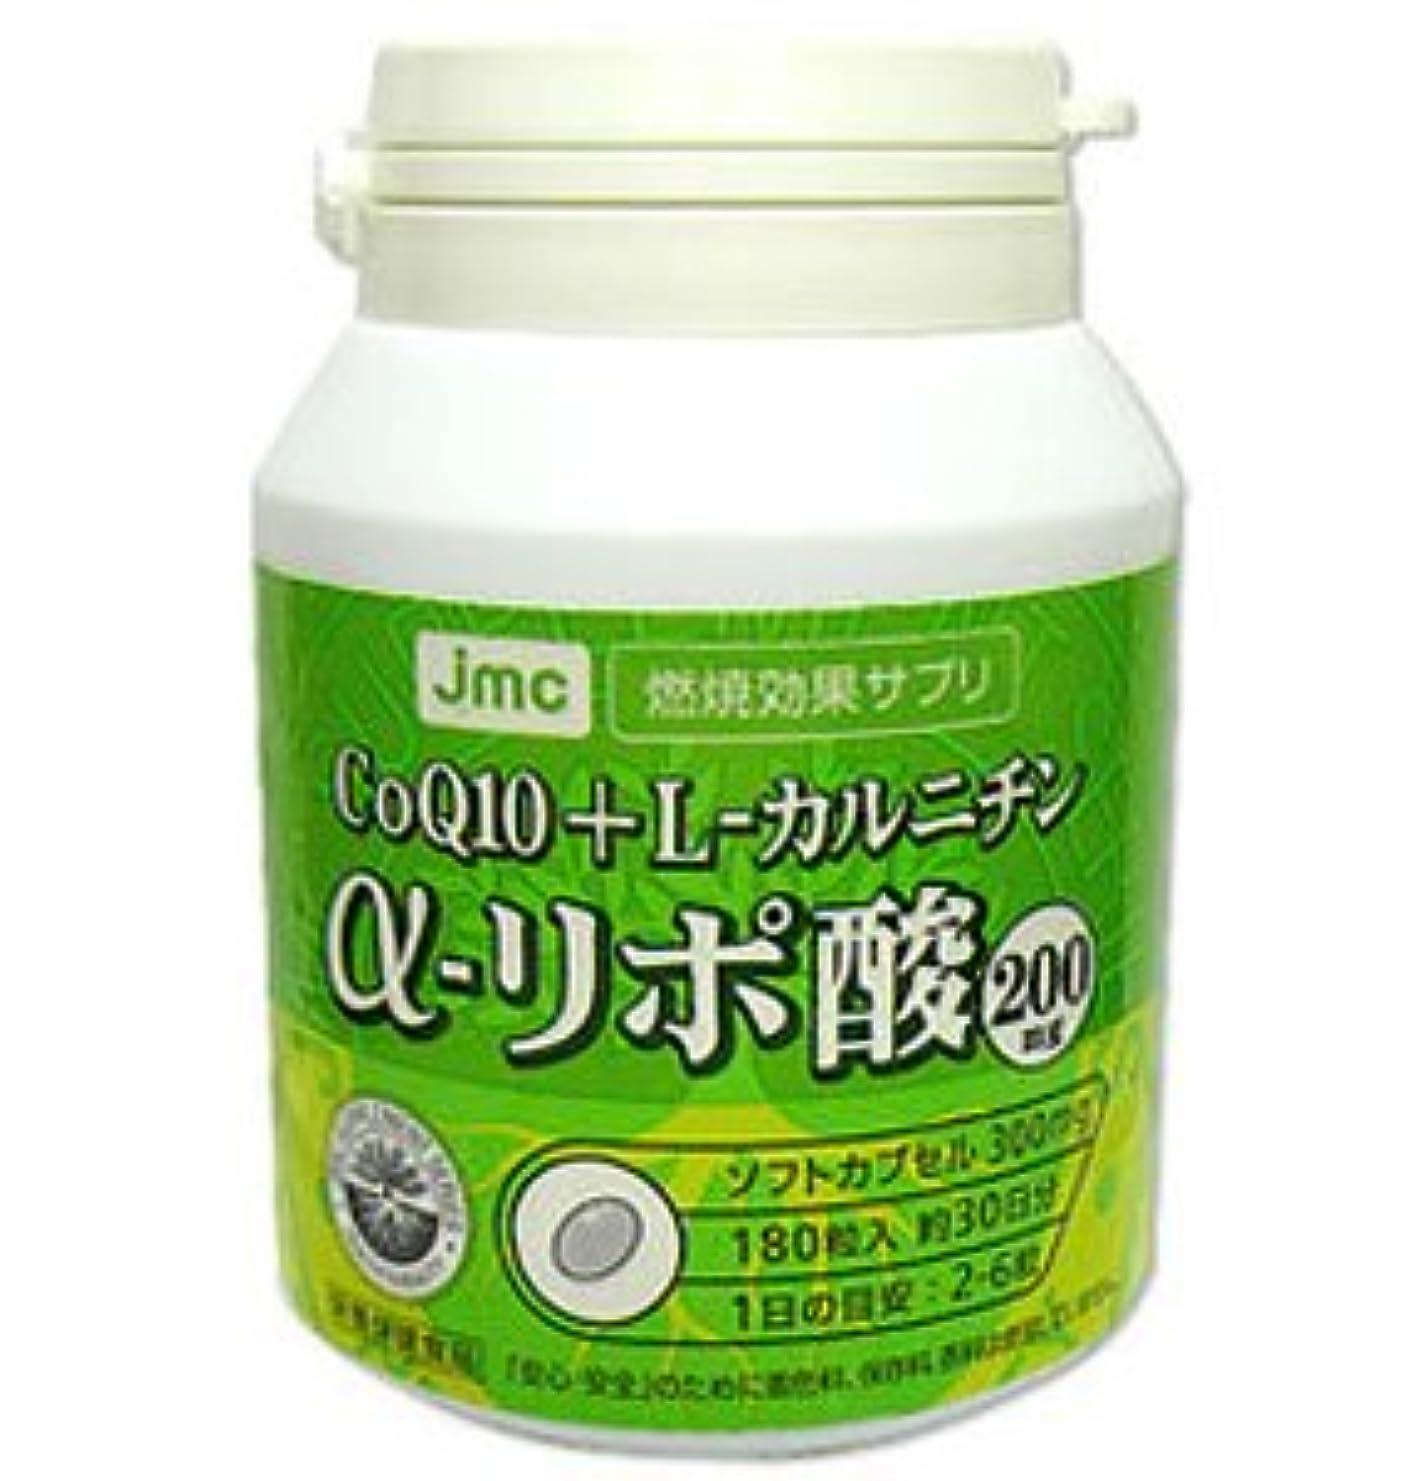 幻滅する家庭教師雑品α-リポ酸200mg(αリポ酸、COQ10、L-カルニチン、共役リノール酸配合ダイエットサプリ)